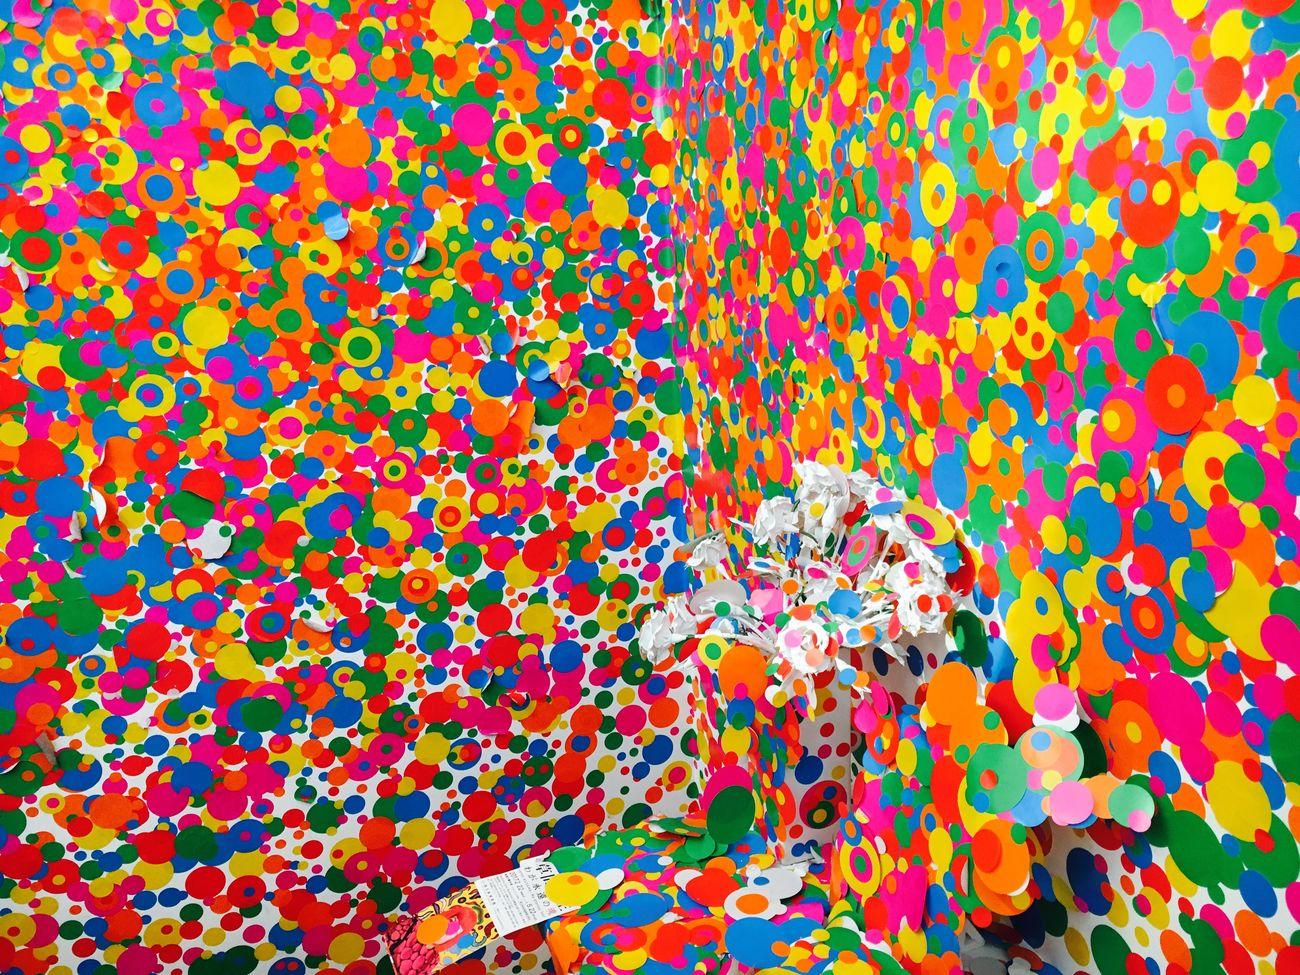 草間彌生 わが永遠の魂 Multi Colored Pattern Abstract Full Frame Yayoi Kusama 草間彌生 Art Eyeemphoto Capture The Moment EyeEm Masterclass EyeEm The Best Shots Focus On Foreground Selective Focus EyeEm Gallery Event Eyeemoninstagram